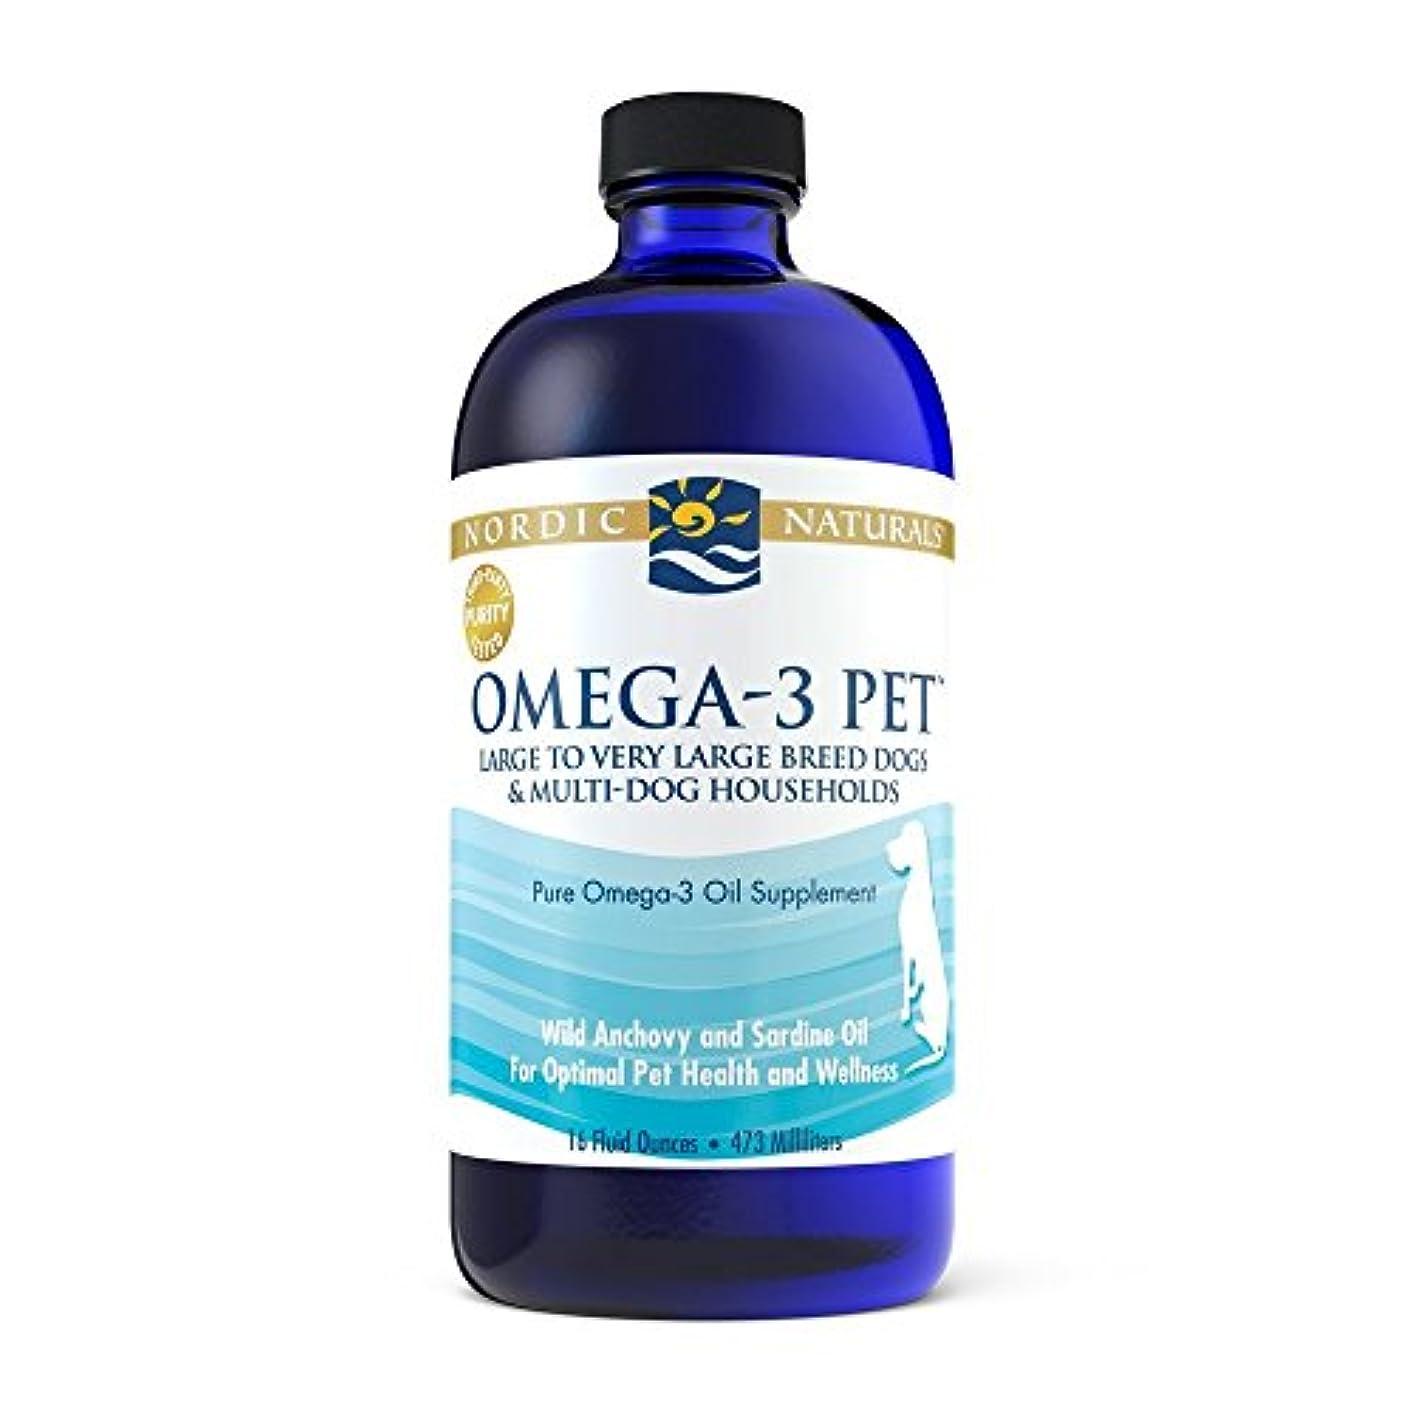 投資列挙する法的Nordic Naturals Fish Oil OMEGA-3 Essential Fatty Acid for Dogs + Cats 16 oz 海外直送品